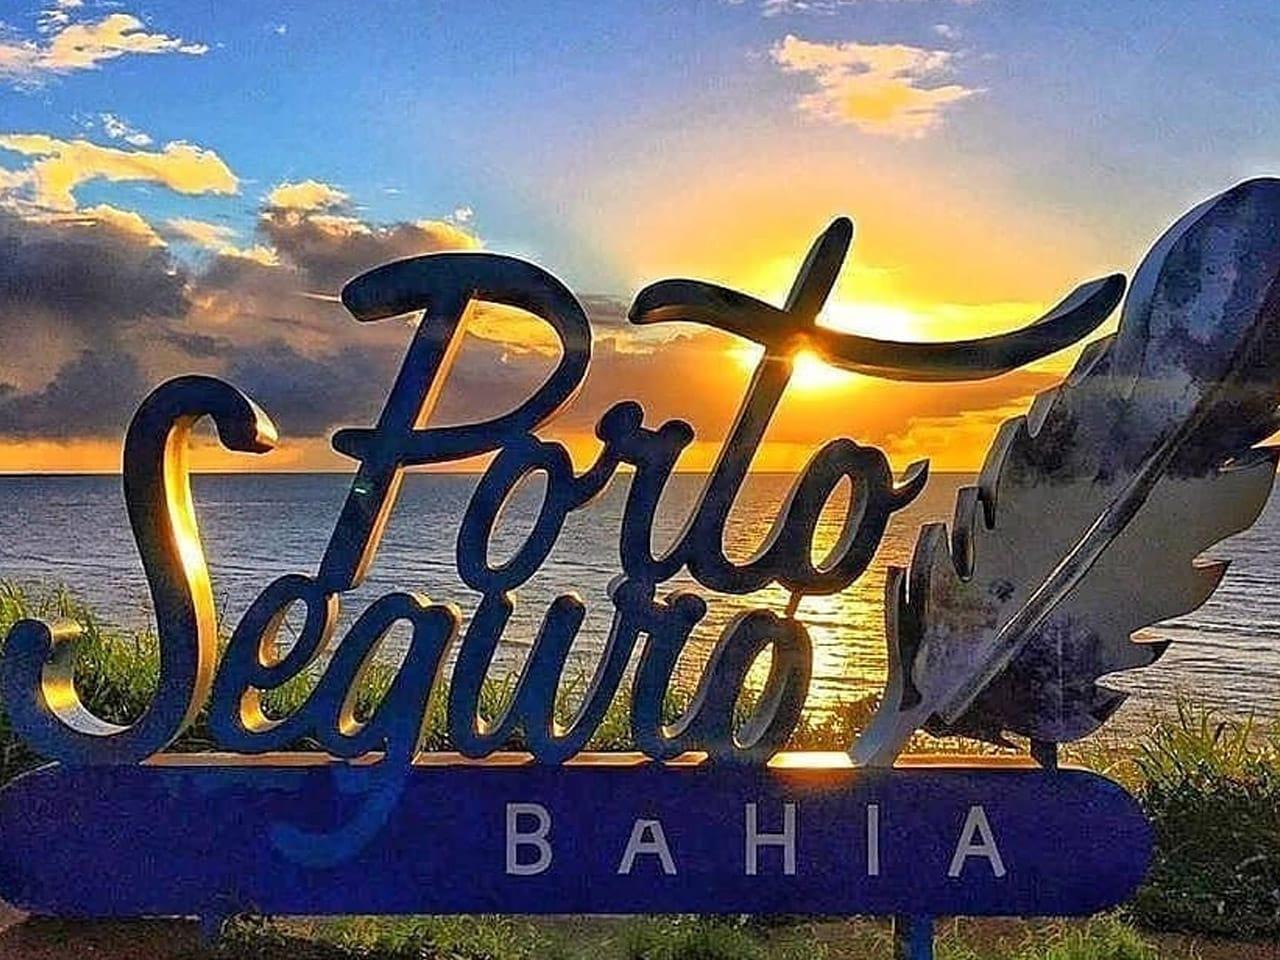 viajar no brasil pós-pandemia